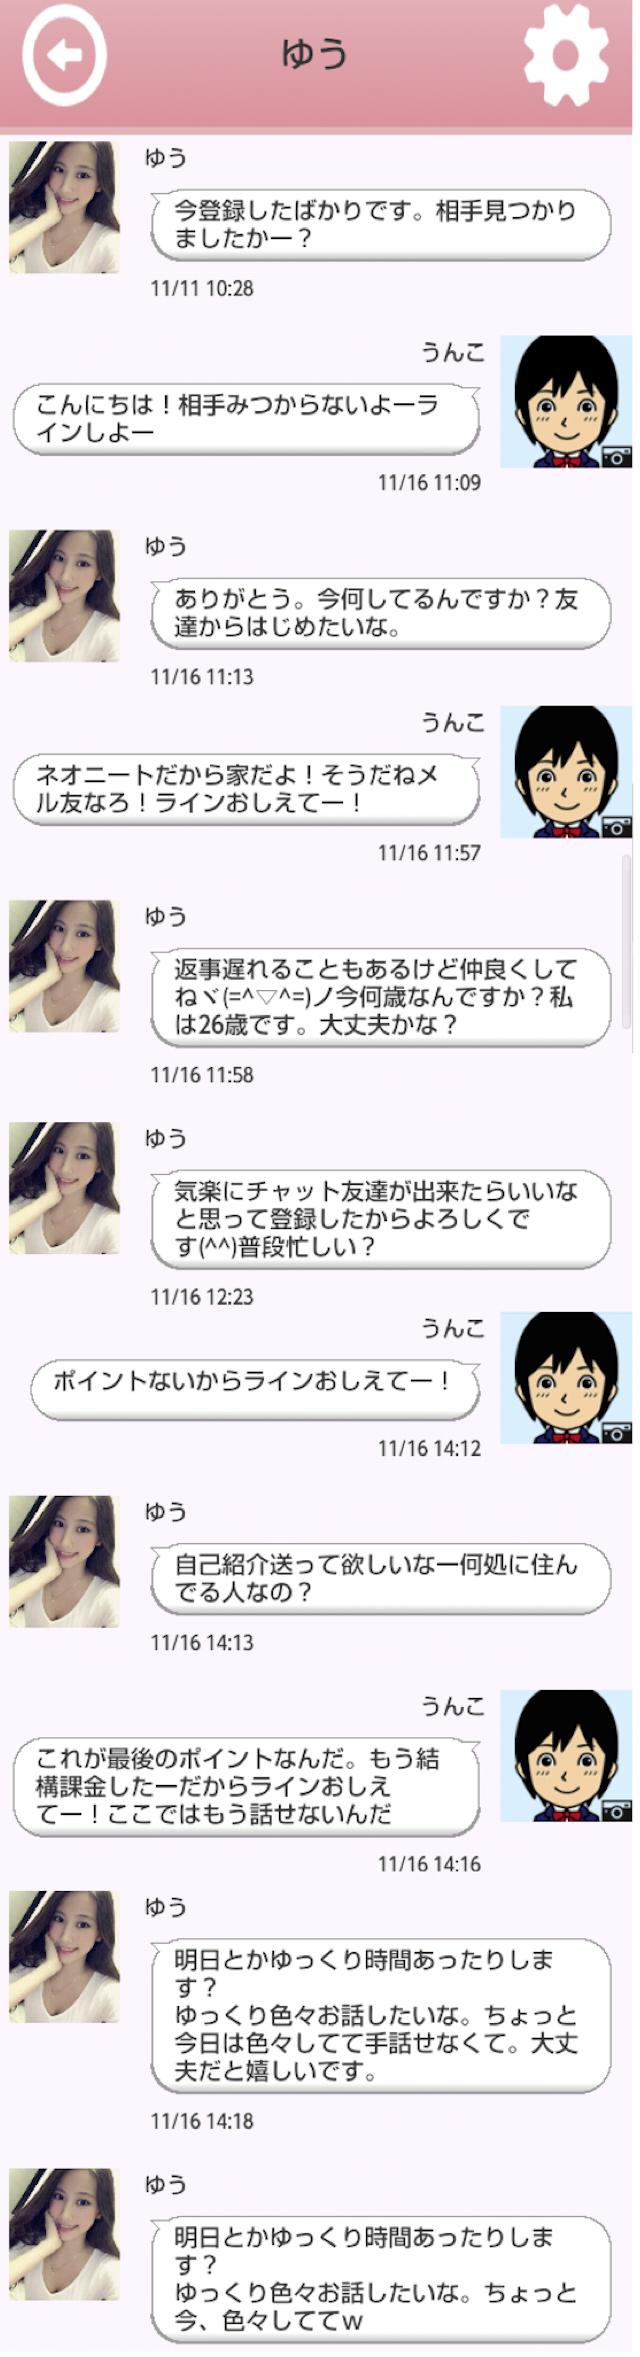 HAPPYチャット_アプリ3